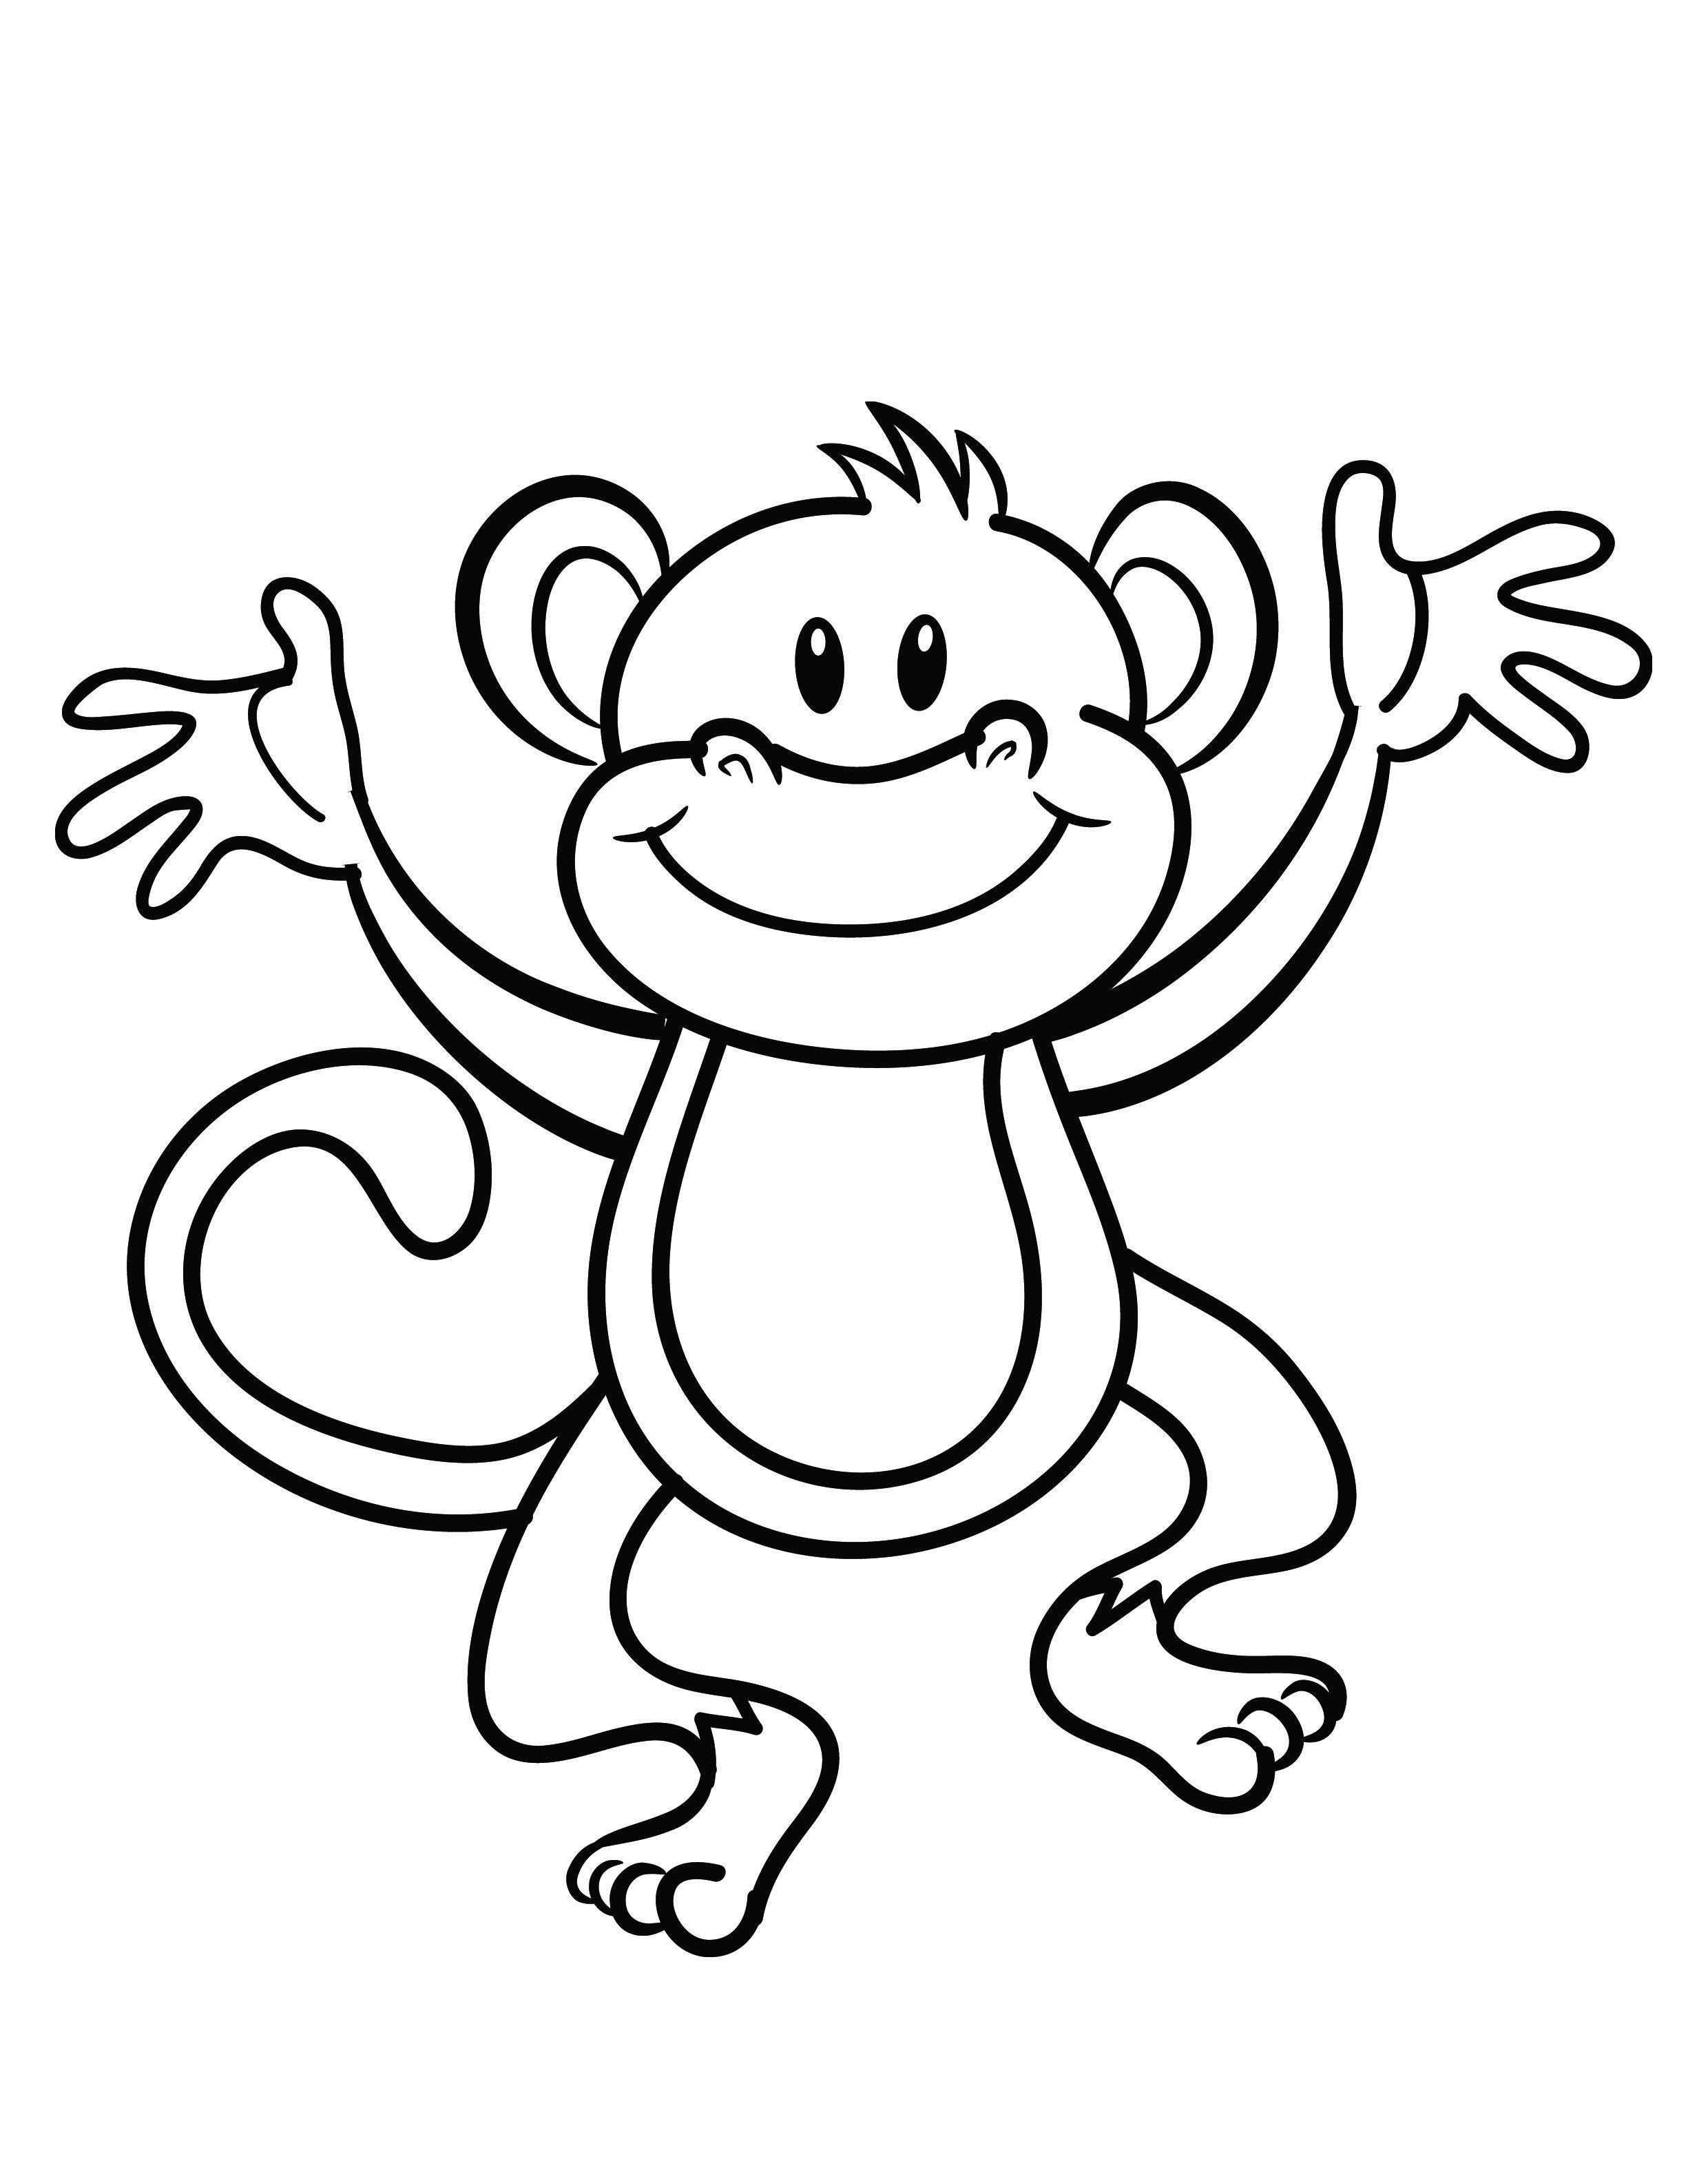 Free Printable Monkey Coloring Page   Cj 1St Birthday   Monkey - Free Printable Monkey Coloring Pages